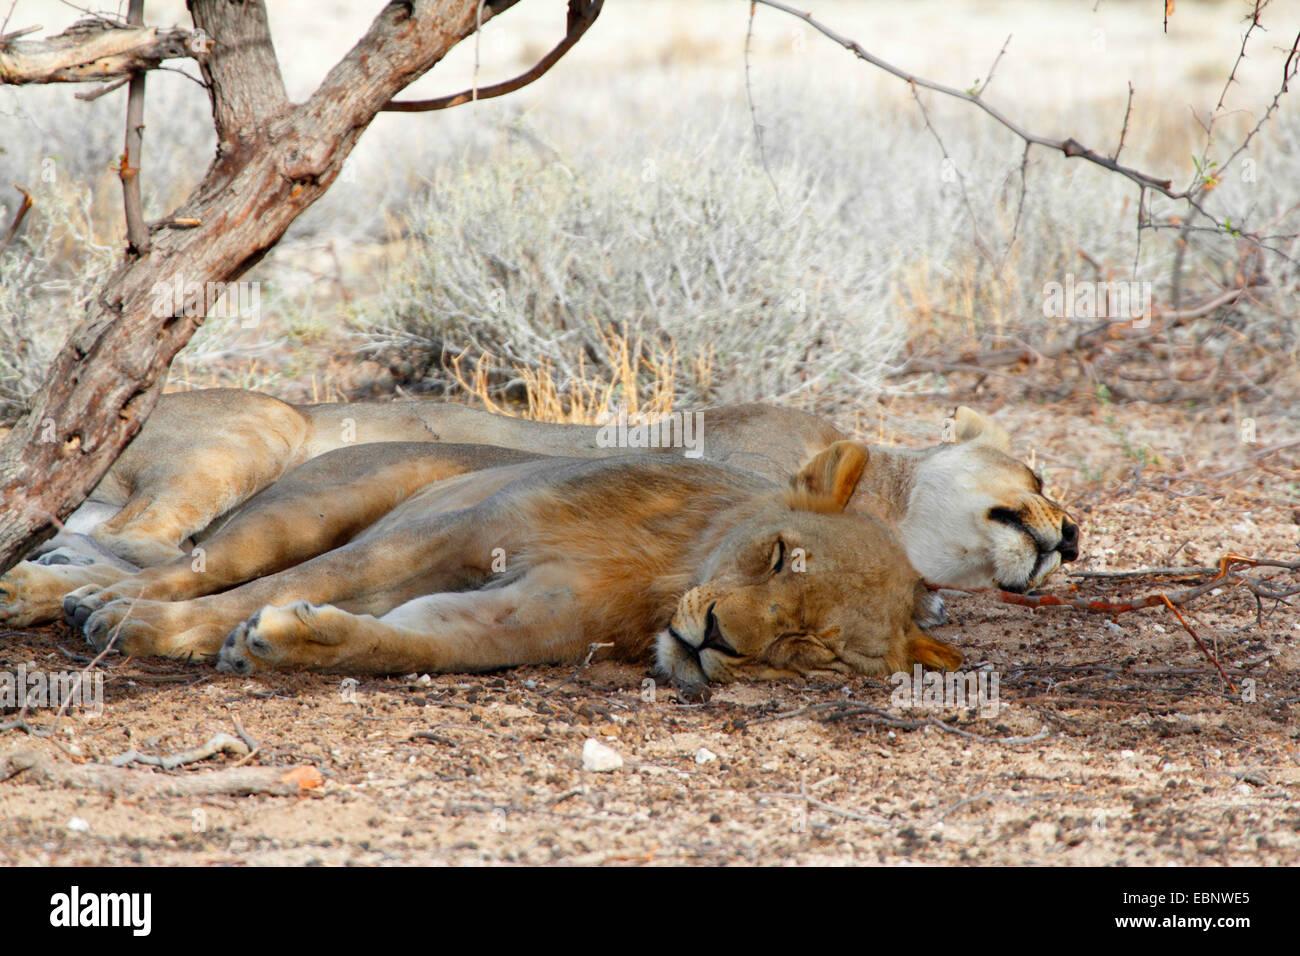 León (Panthera leo), dos animales durmiendo bajo un árbol, Namibia, el Parque Nacional de Etosha Imagen De Stock